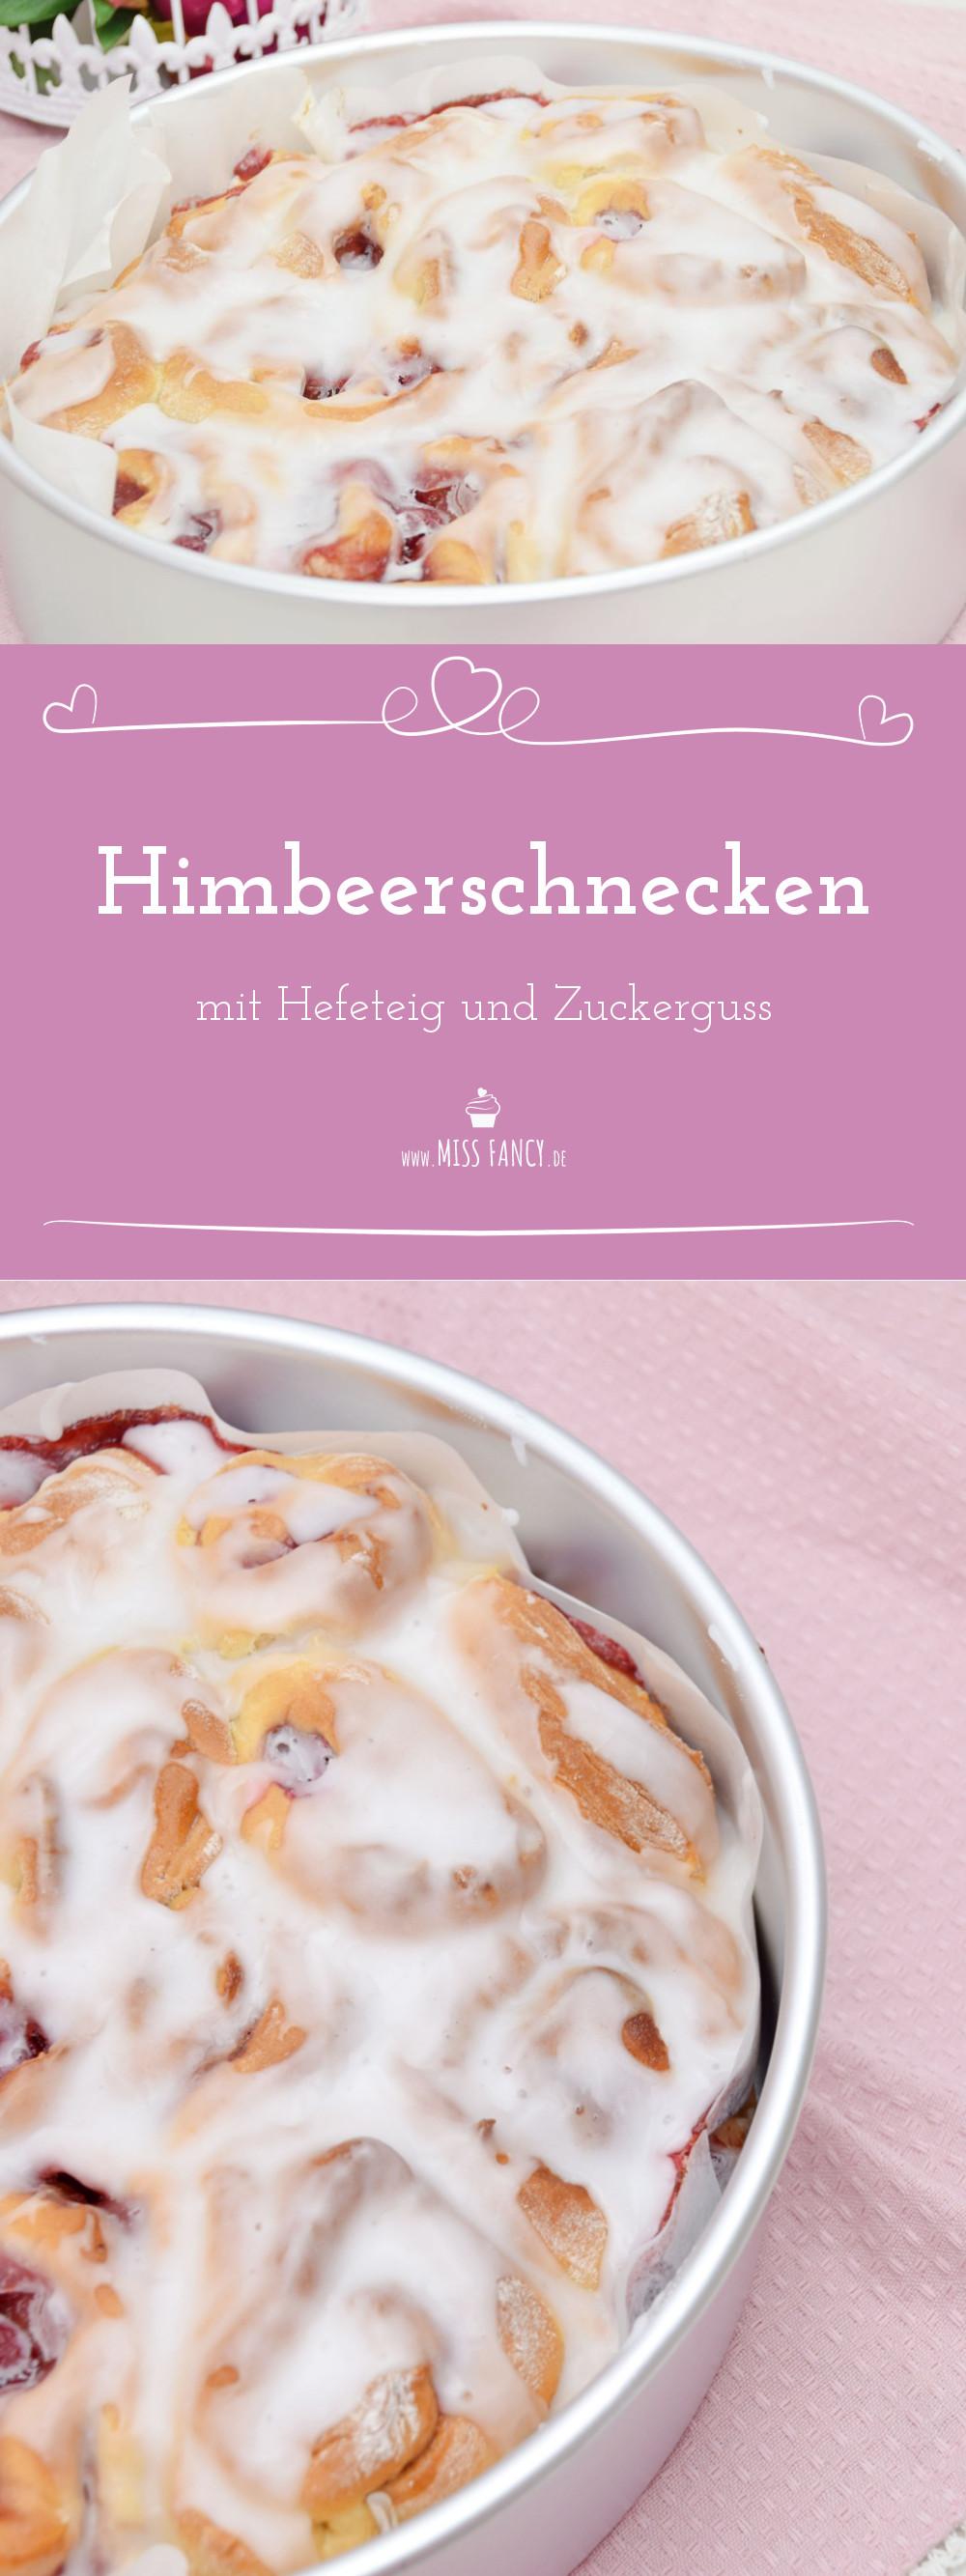 Rezept-Himbeerschnecken-missfancy